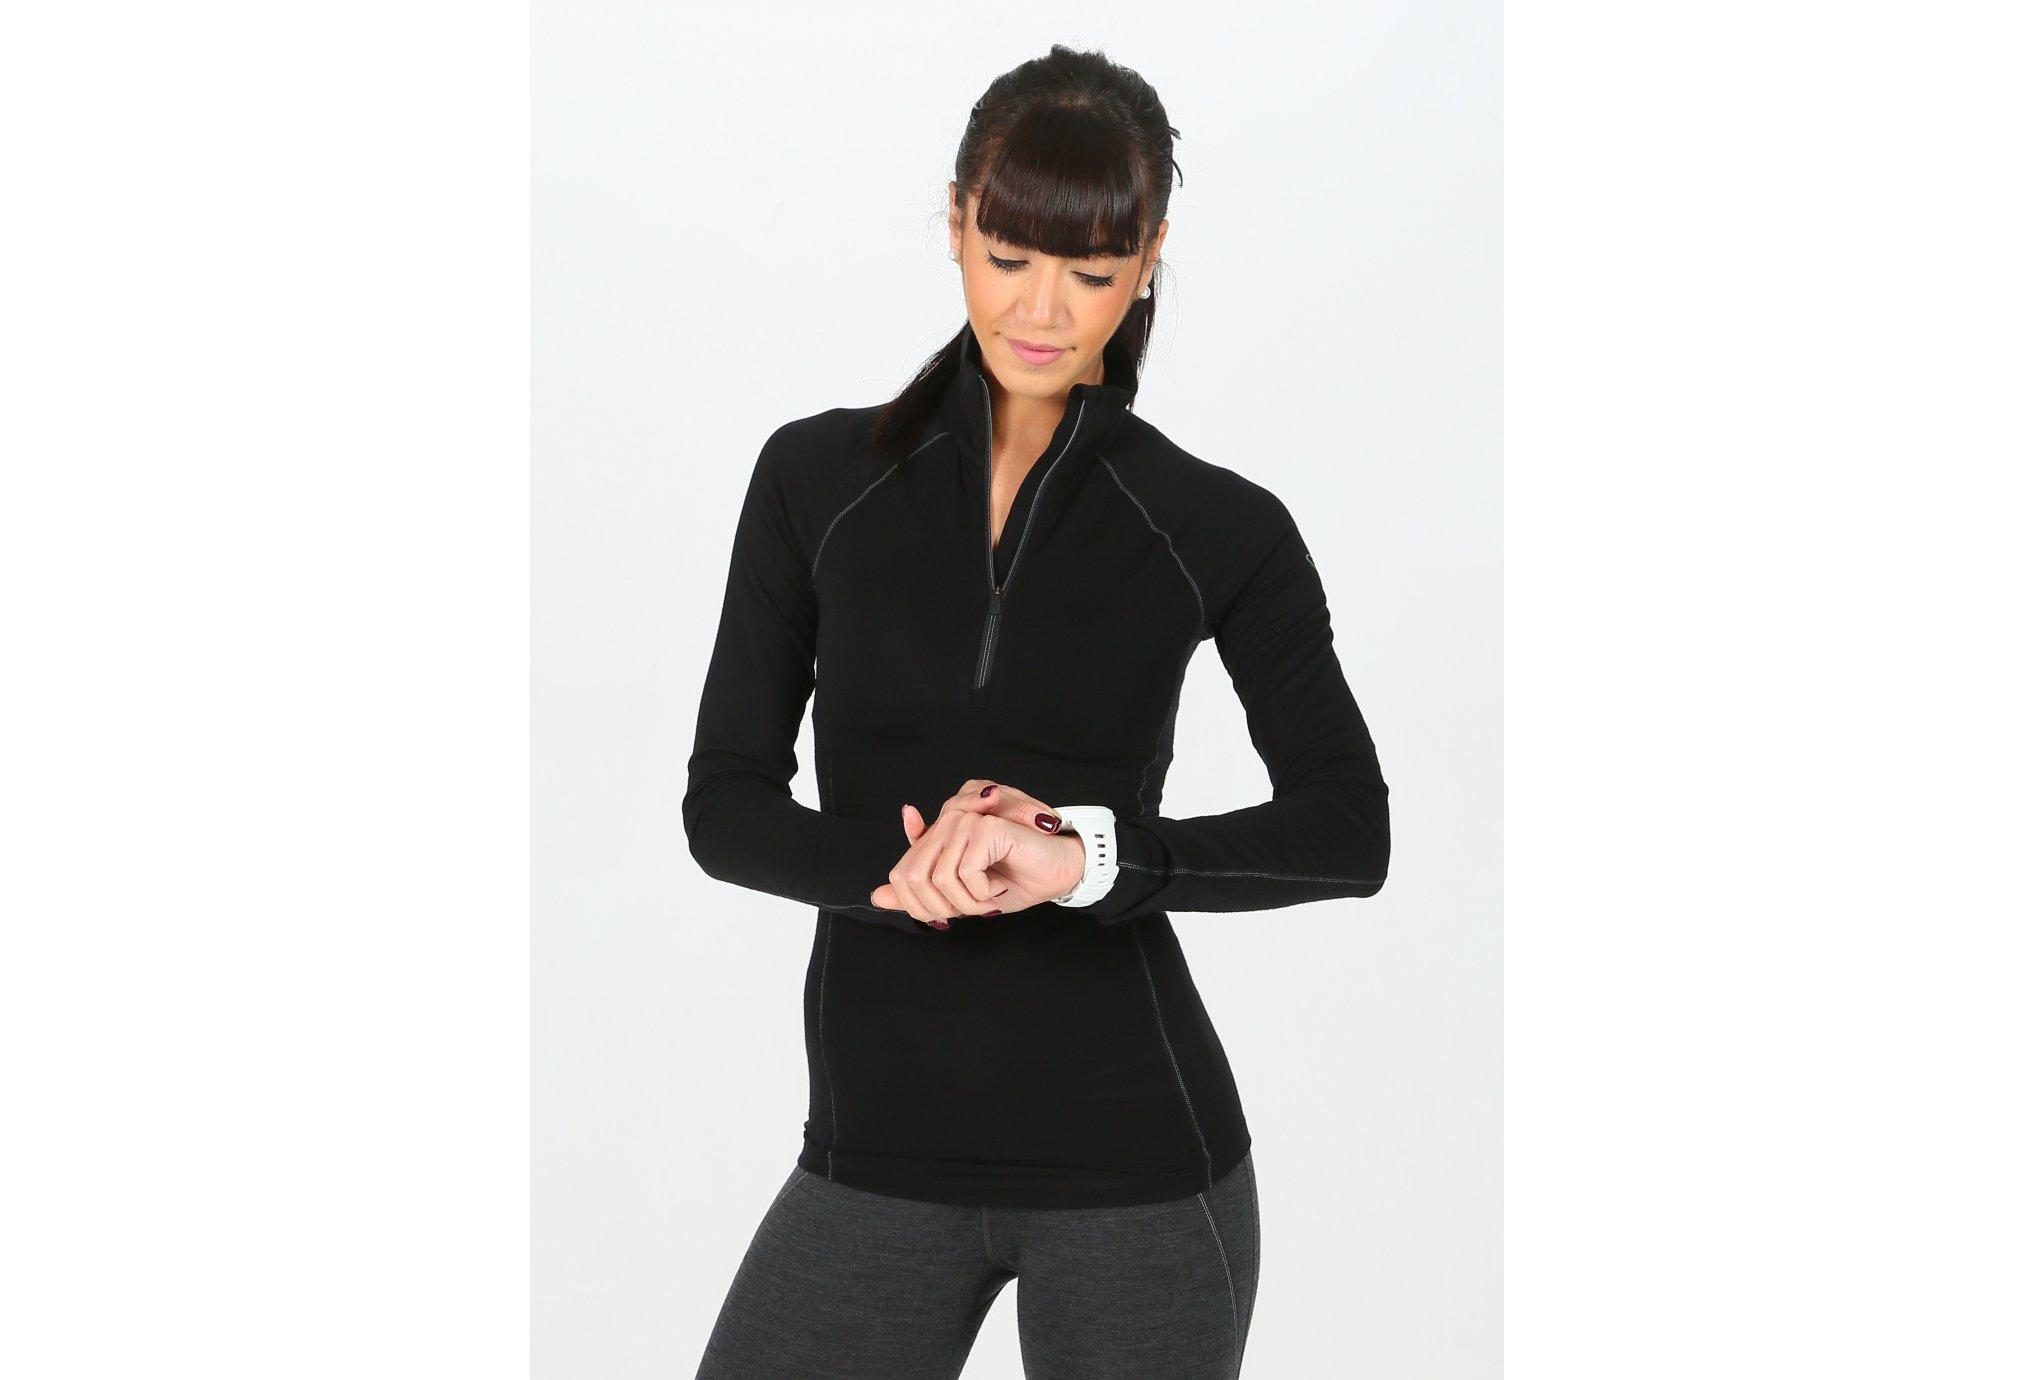 Icebreaker Bodyfitzone 150 W Diététique Vêtements femme